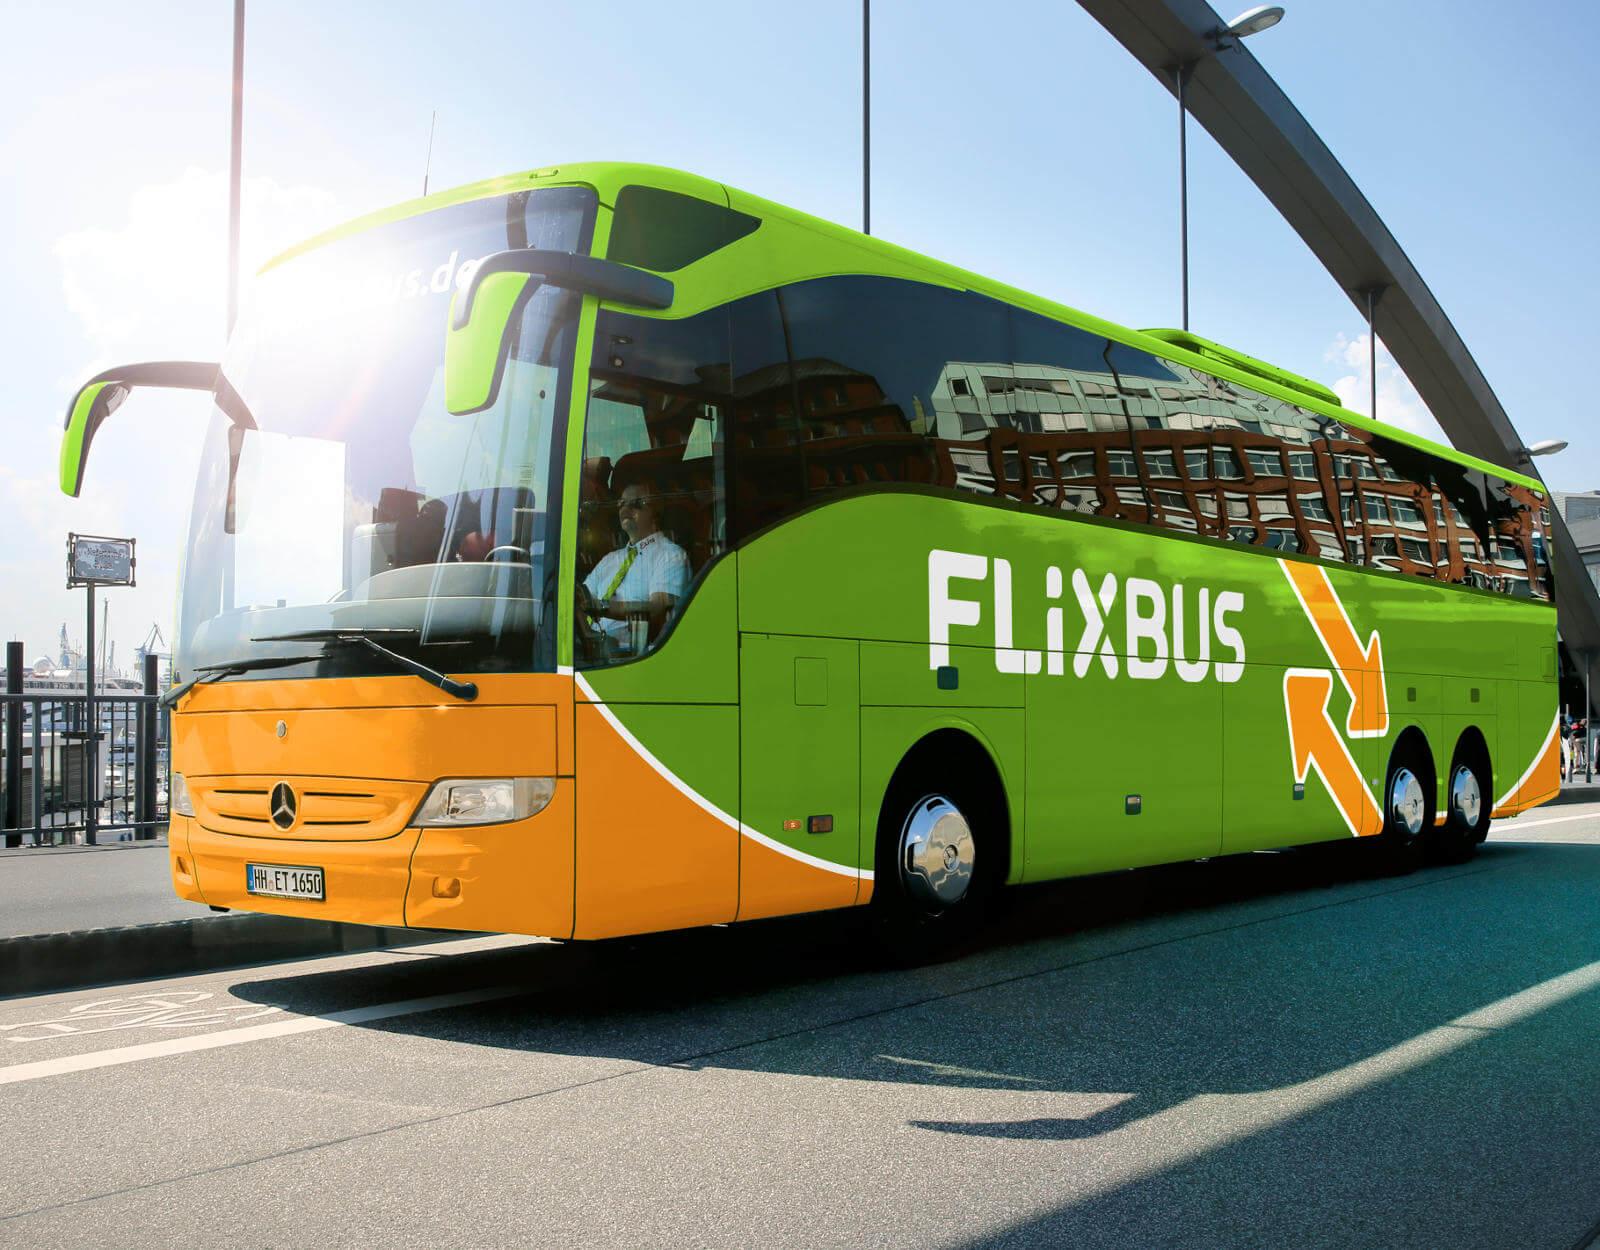 [letsdeal.se] Flixbus: Europaweit frei wählbare Fahrt (Reisezeitraum 19.08.-30.09.19)